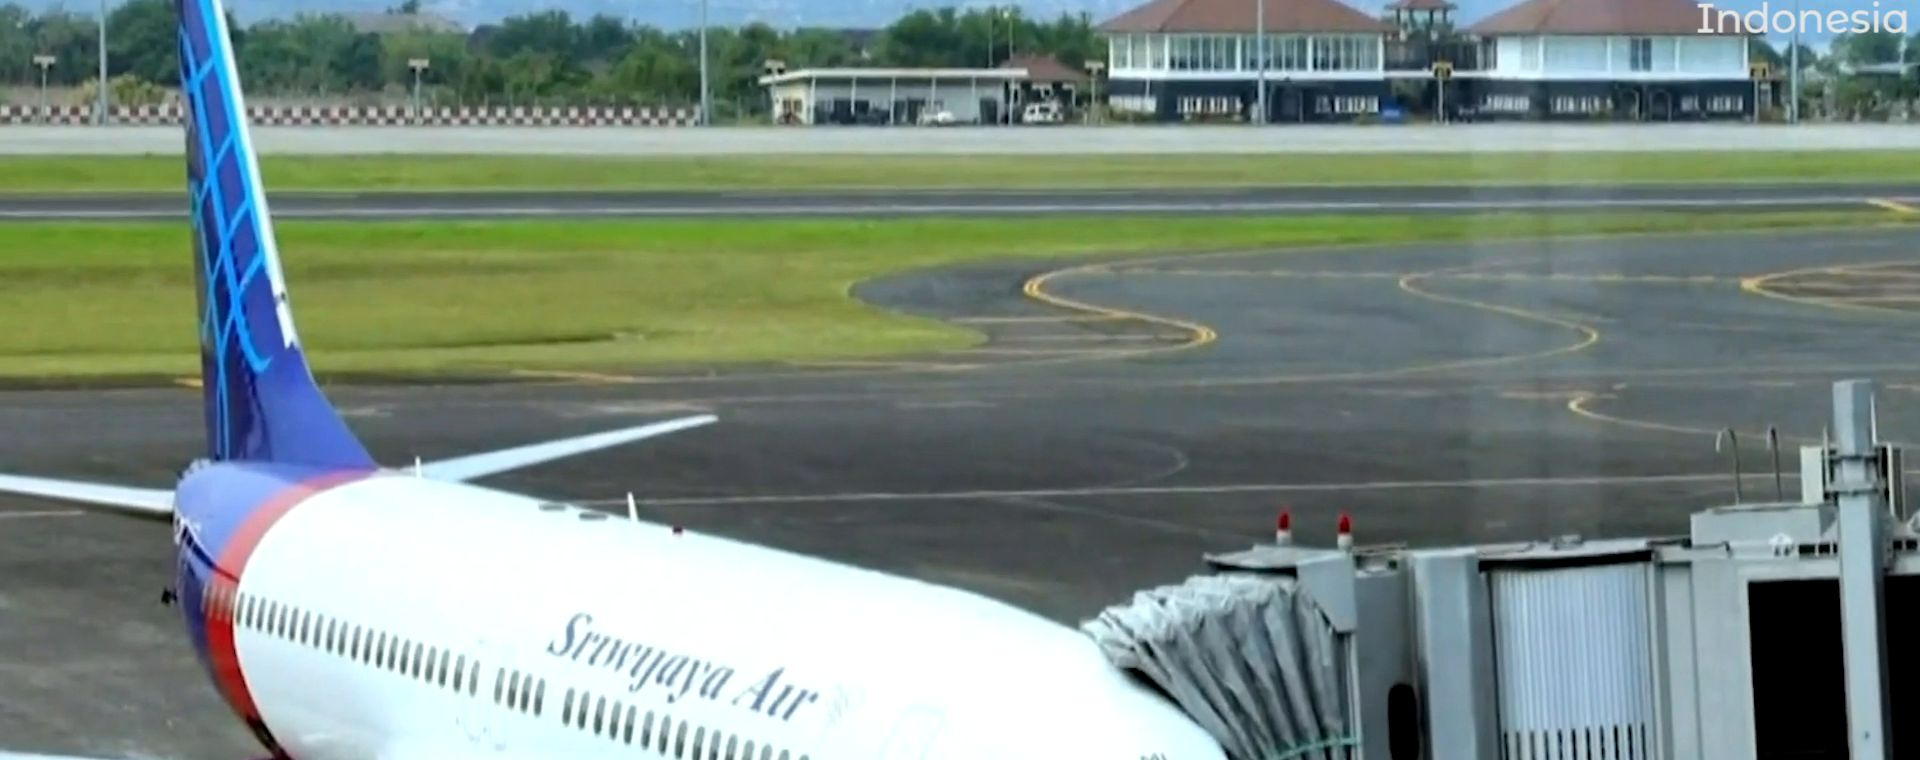 Aviation tragedy